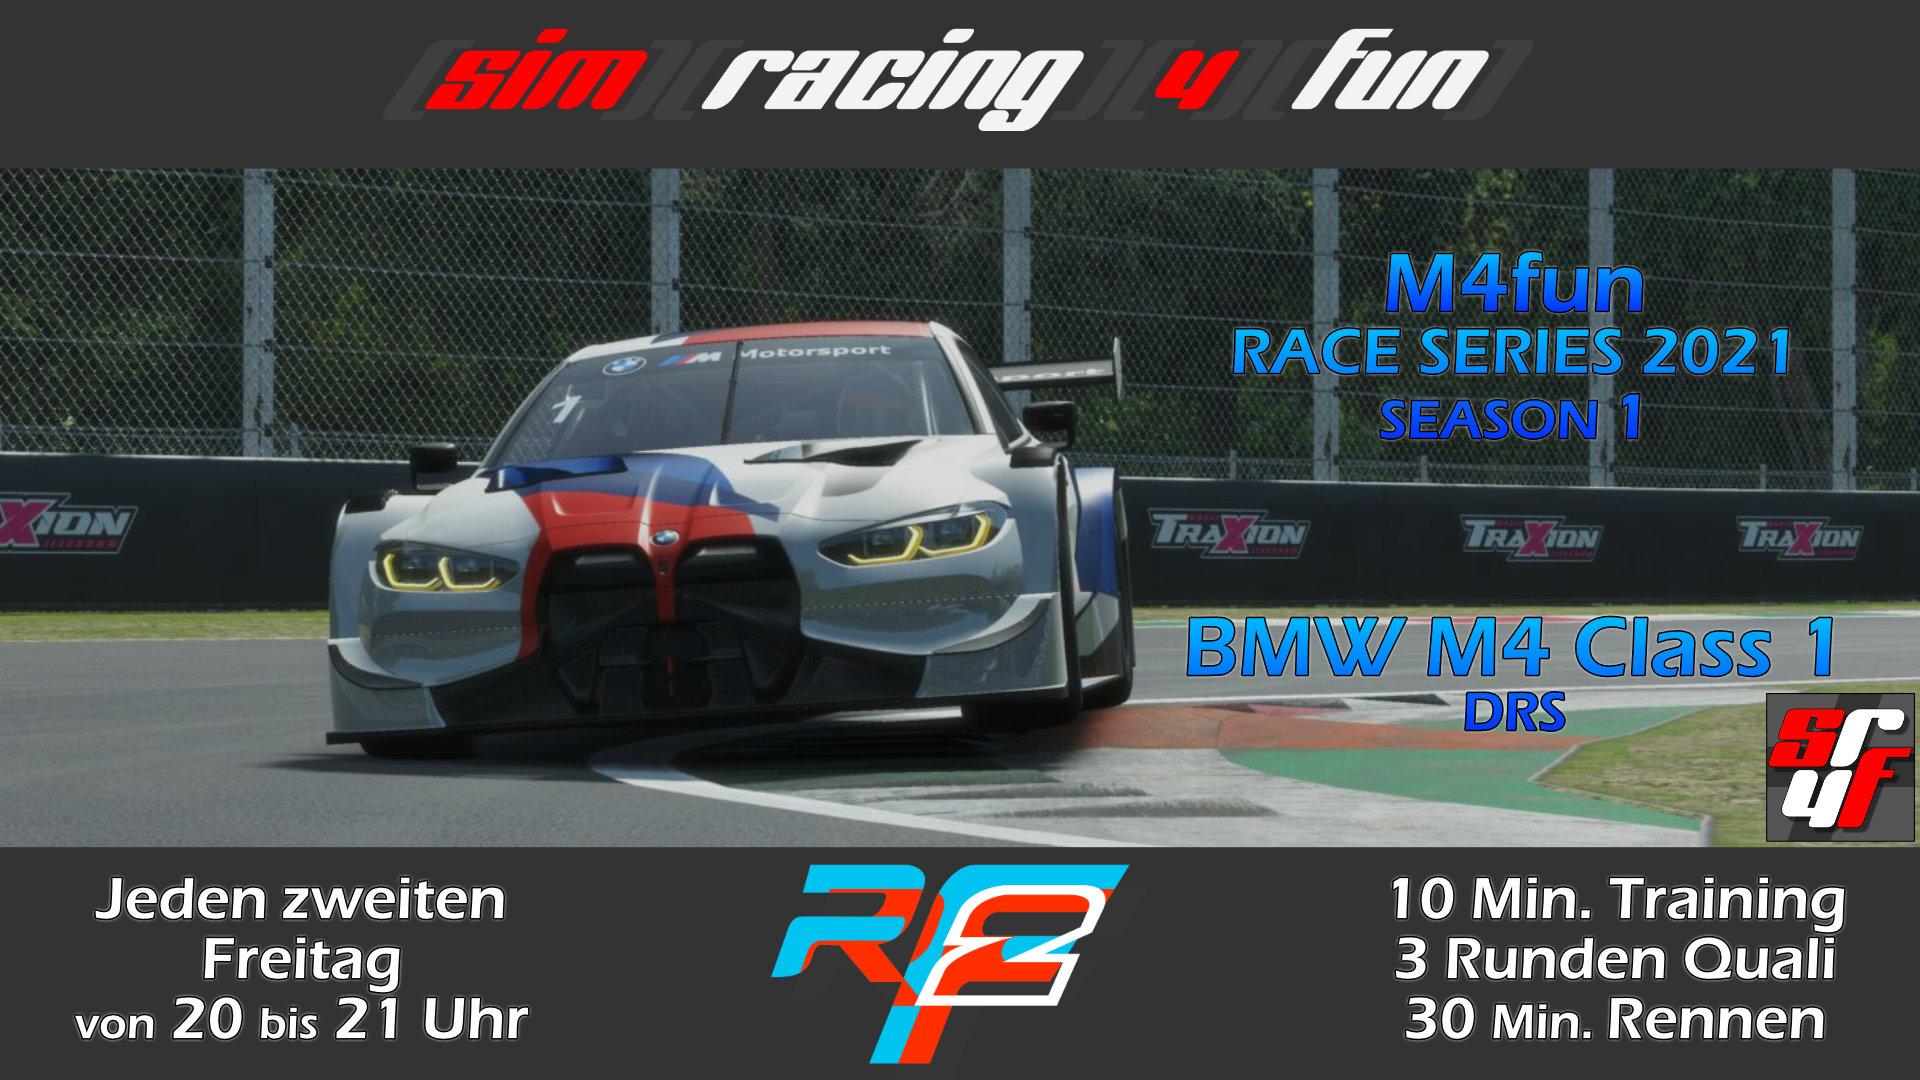 M4fun Race Series